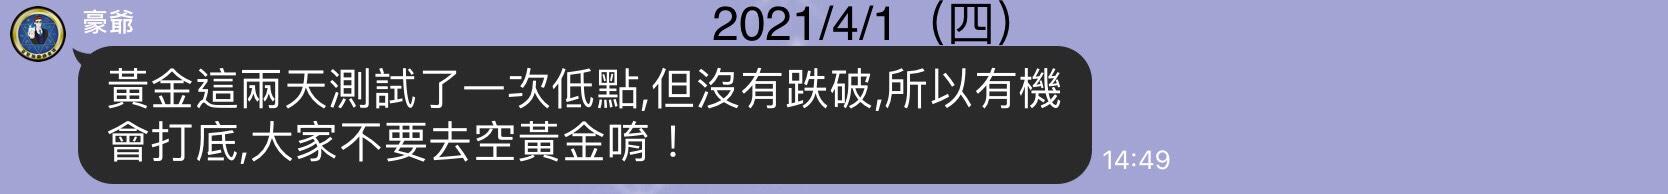 2021/04/06 豪爺週報_04